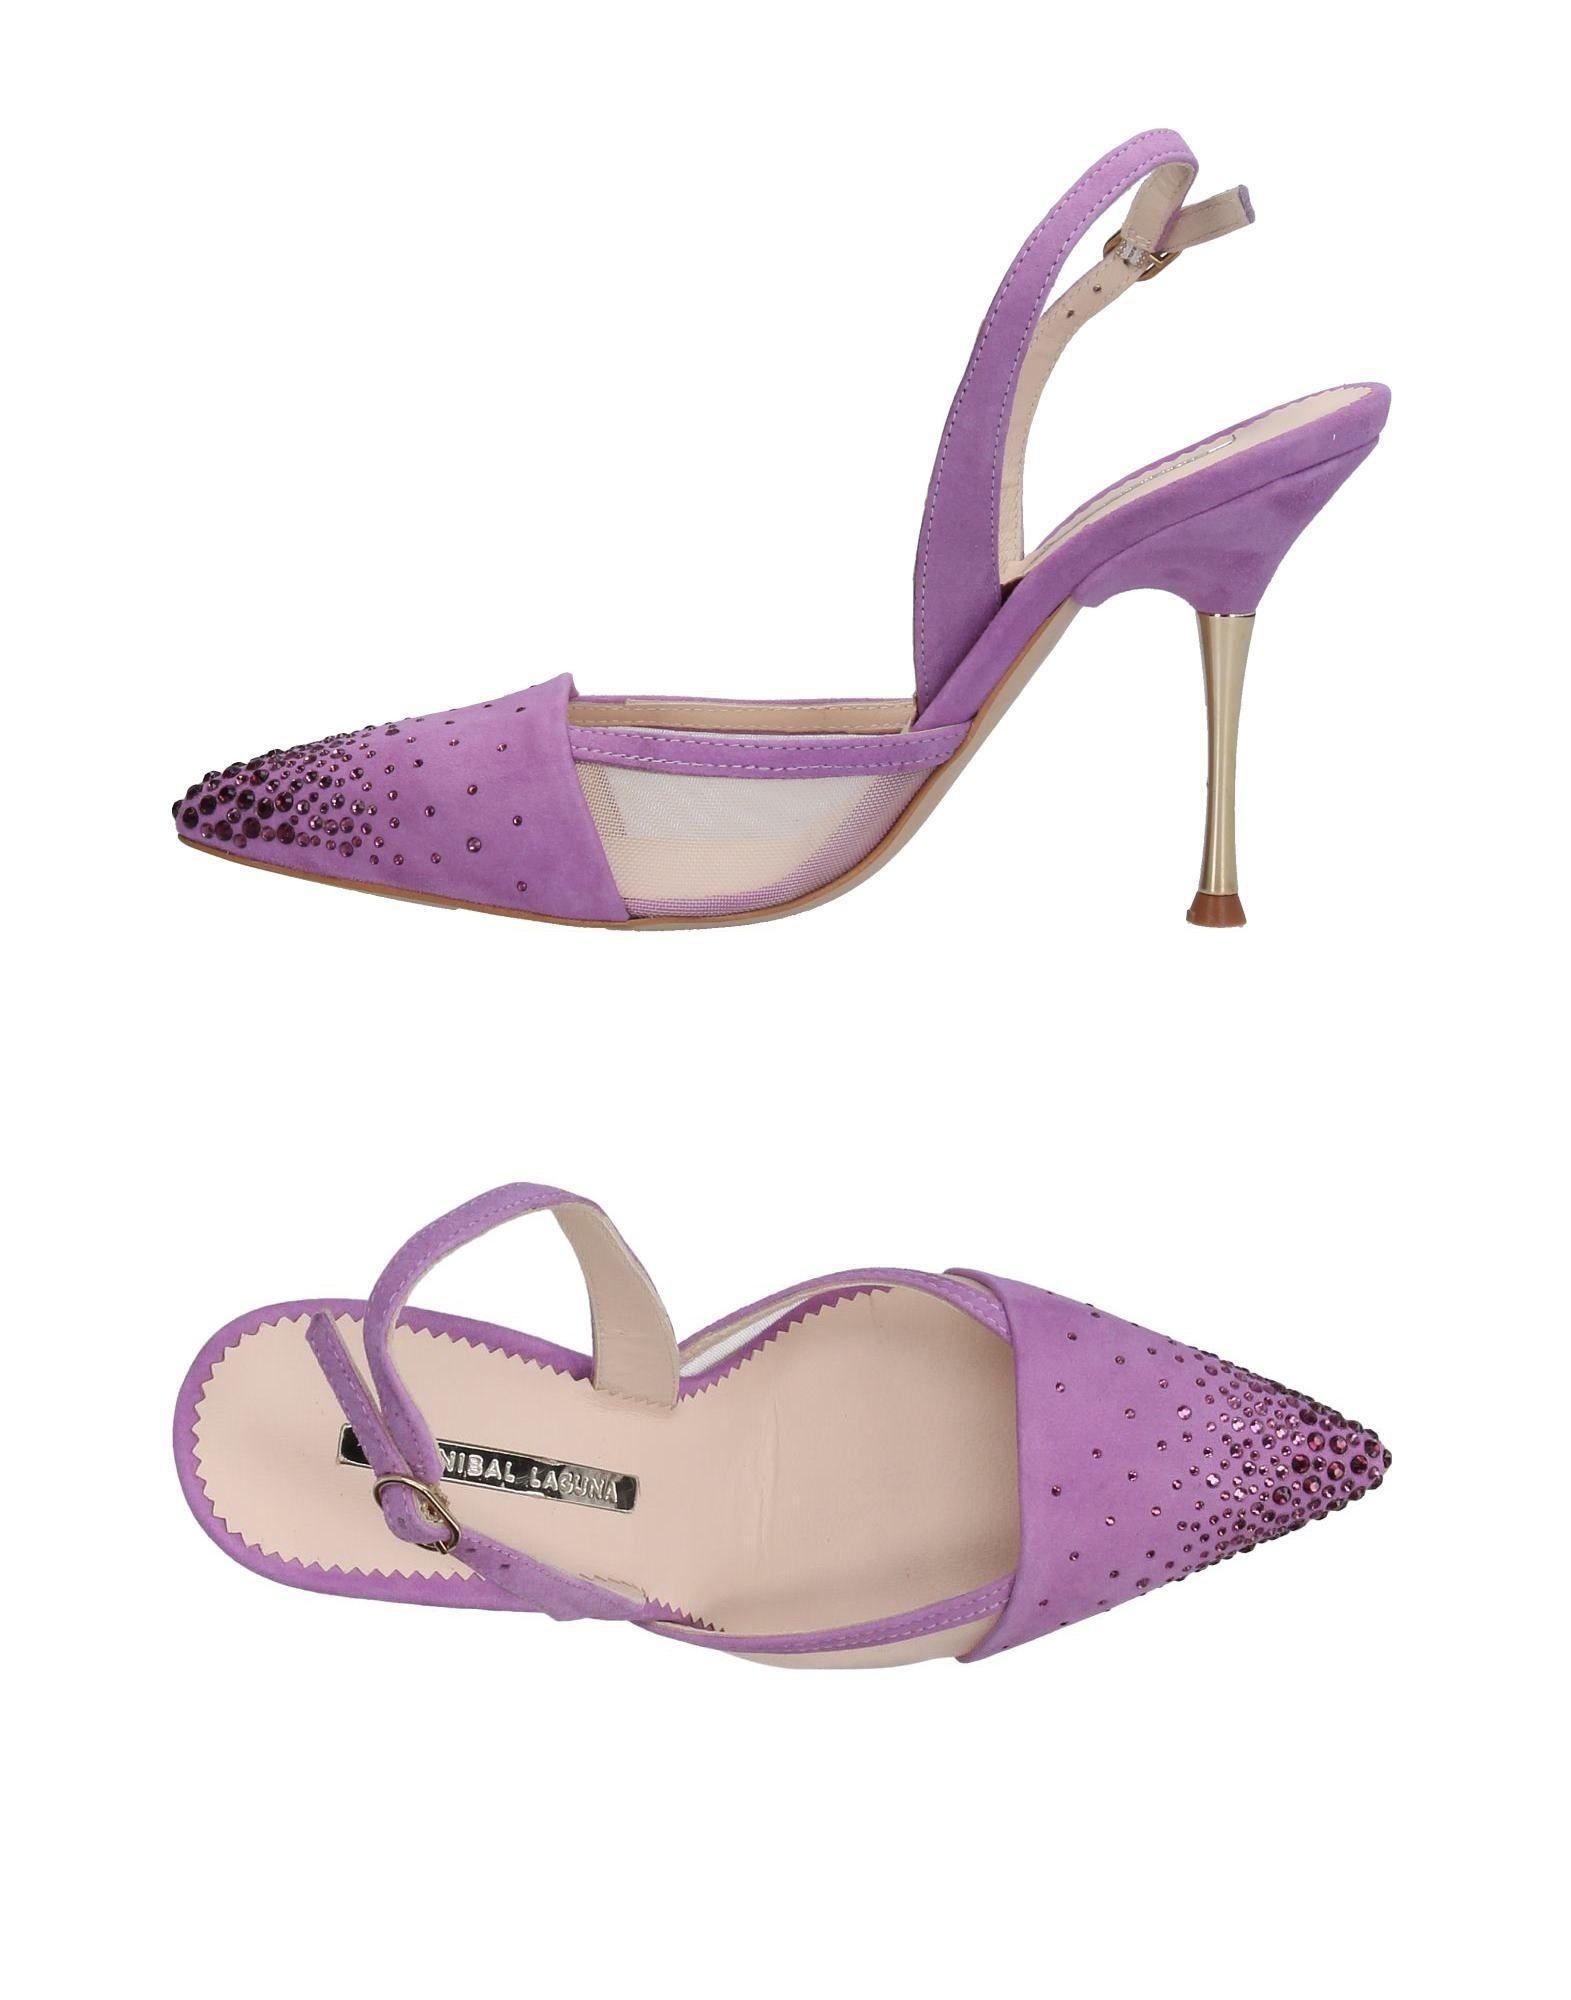 Hannibal Laguna Pumps Damen  11404482RJ Gute Qualität beliebte Schuhe